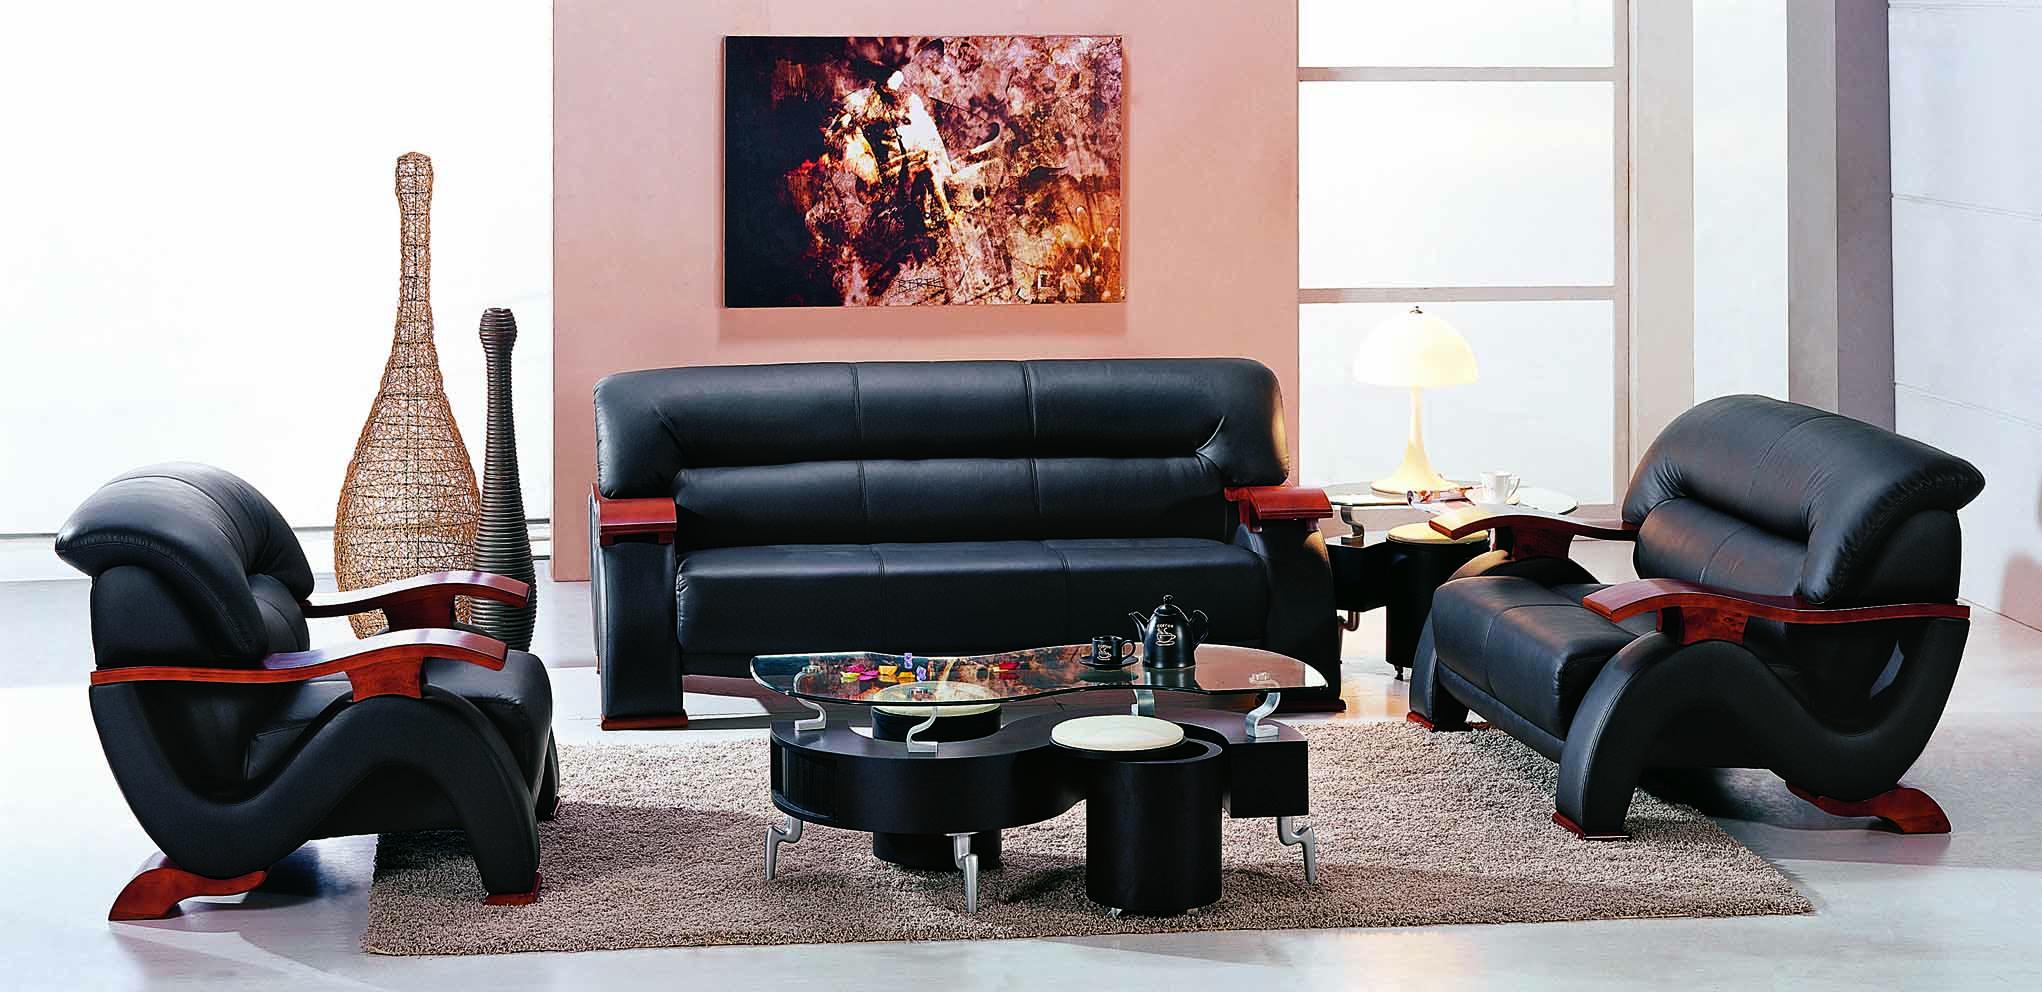 sofa couch polster xxl big couchen sofas leder sitz design 3 sitzer ohne 2 1 ebay